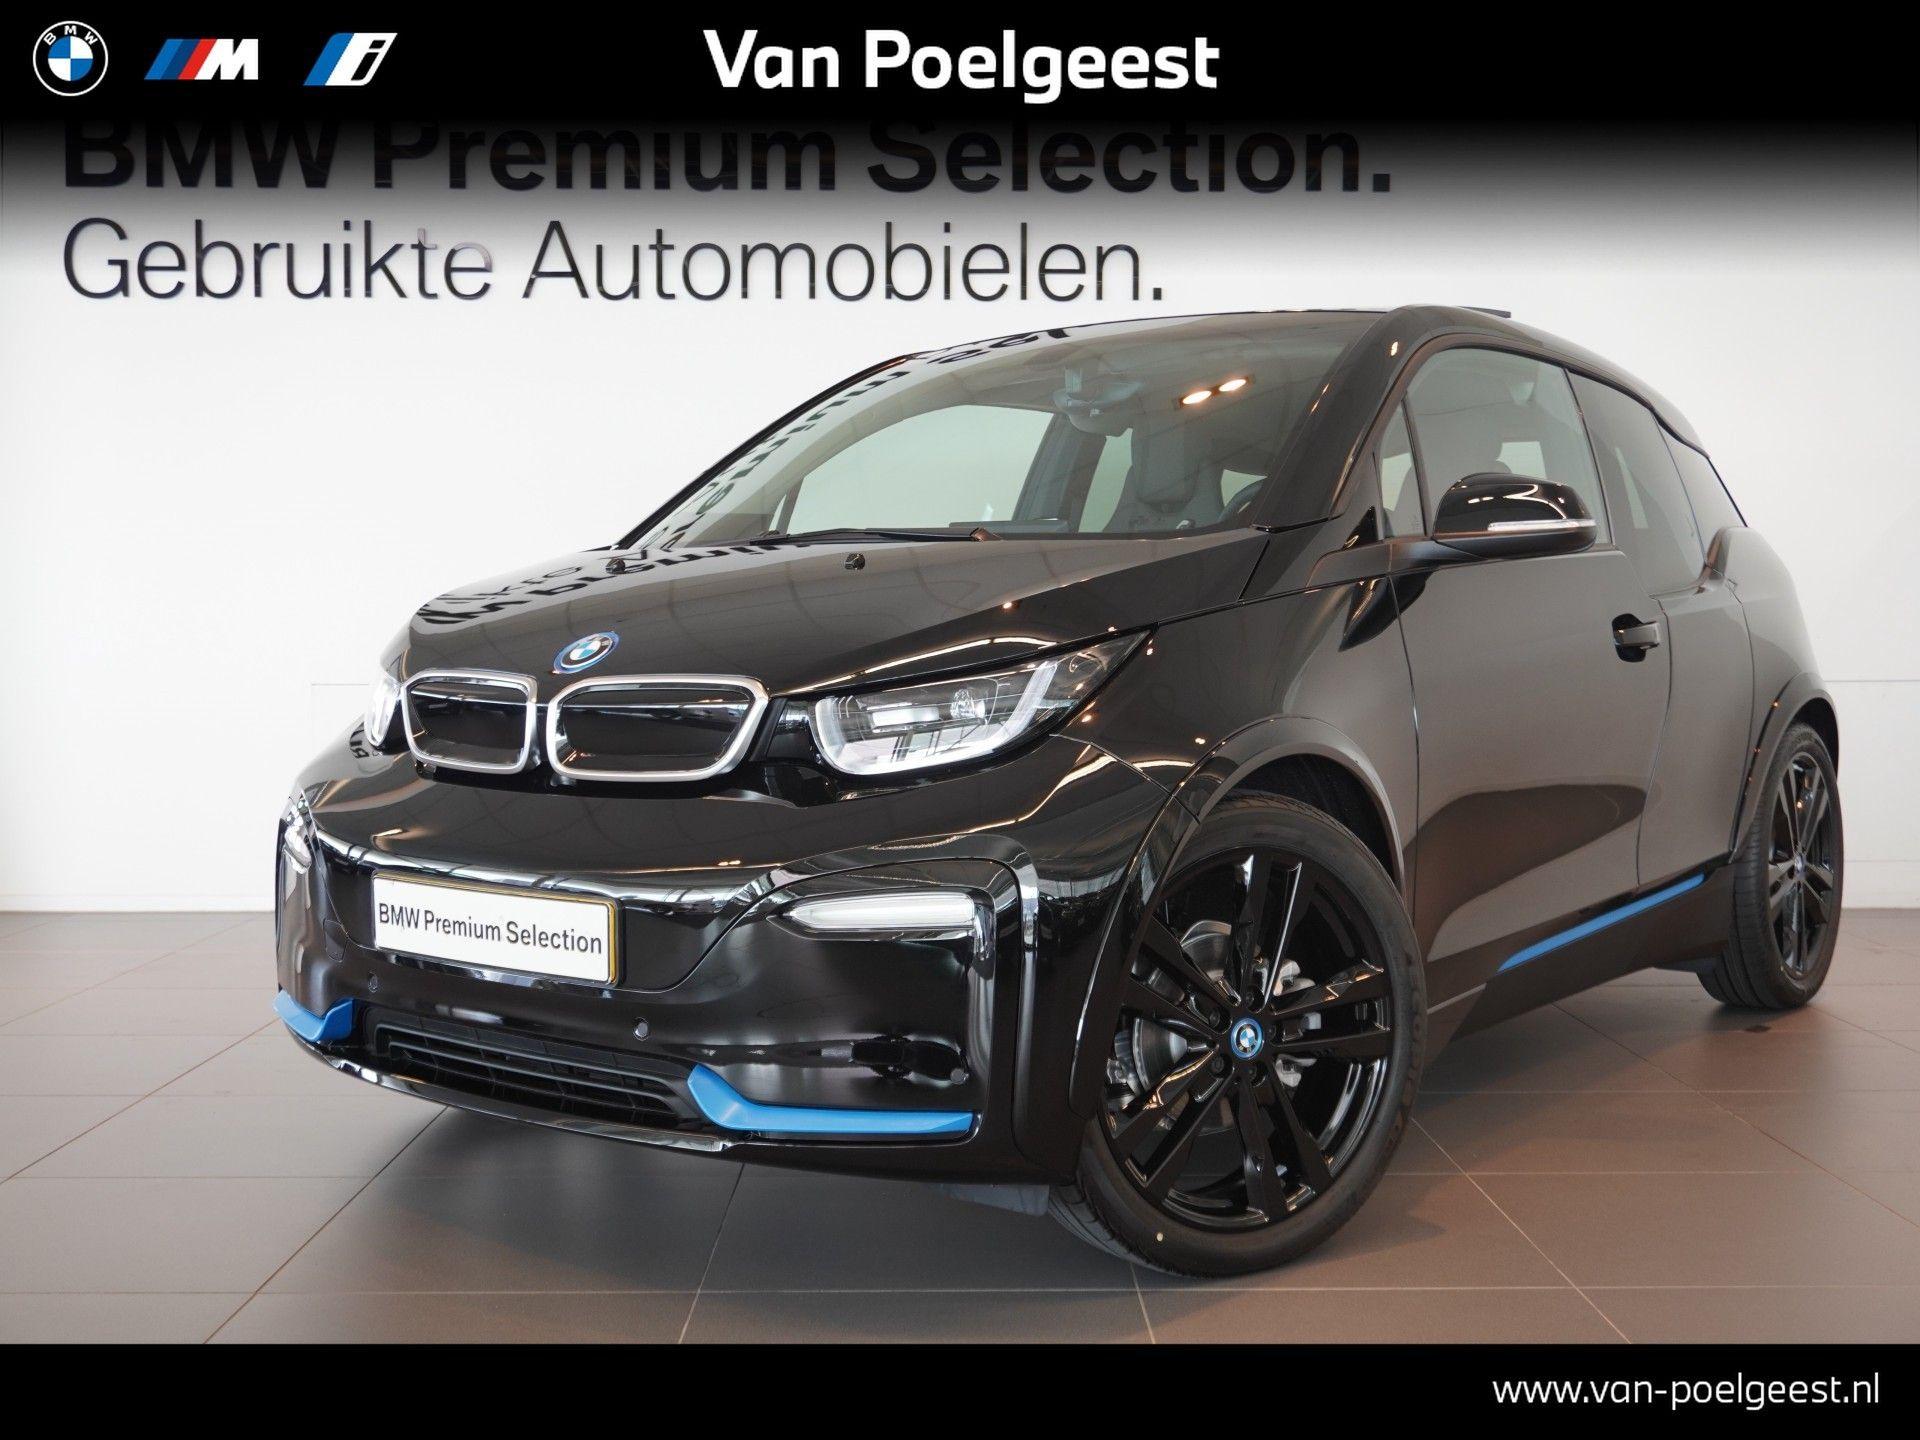 BMW i3 S Executive Edition 120Ah 42 kWh